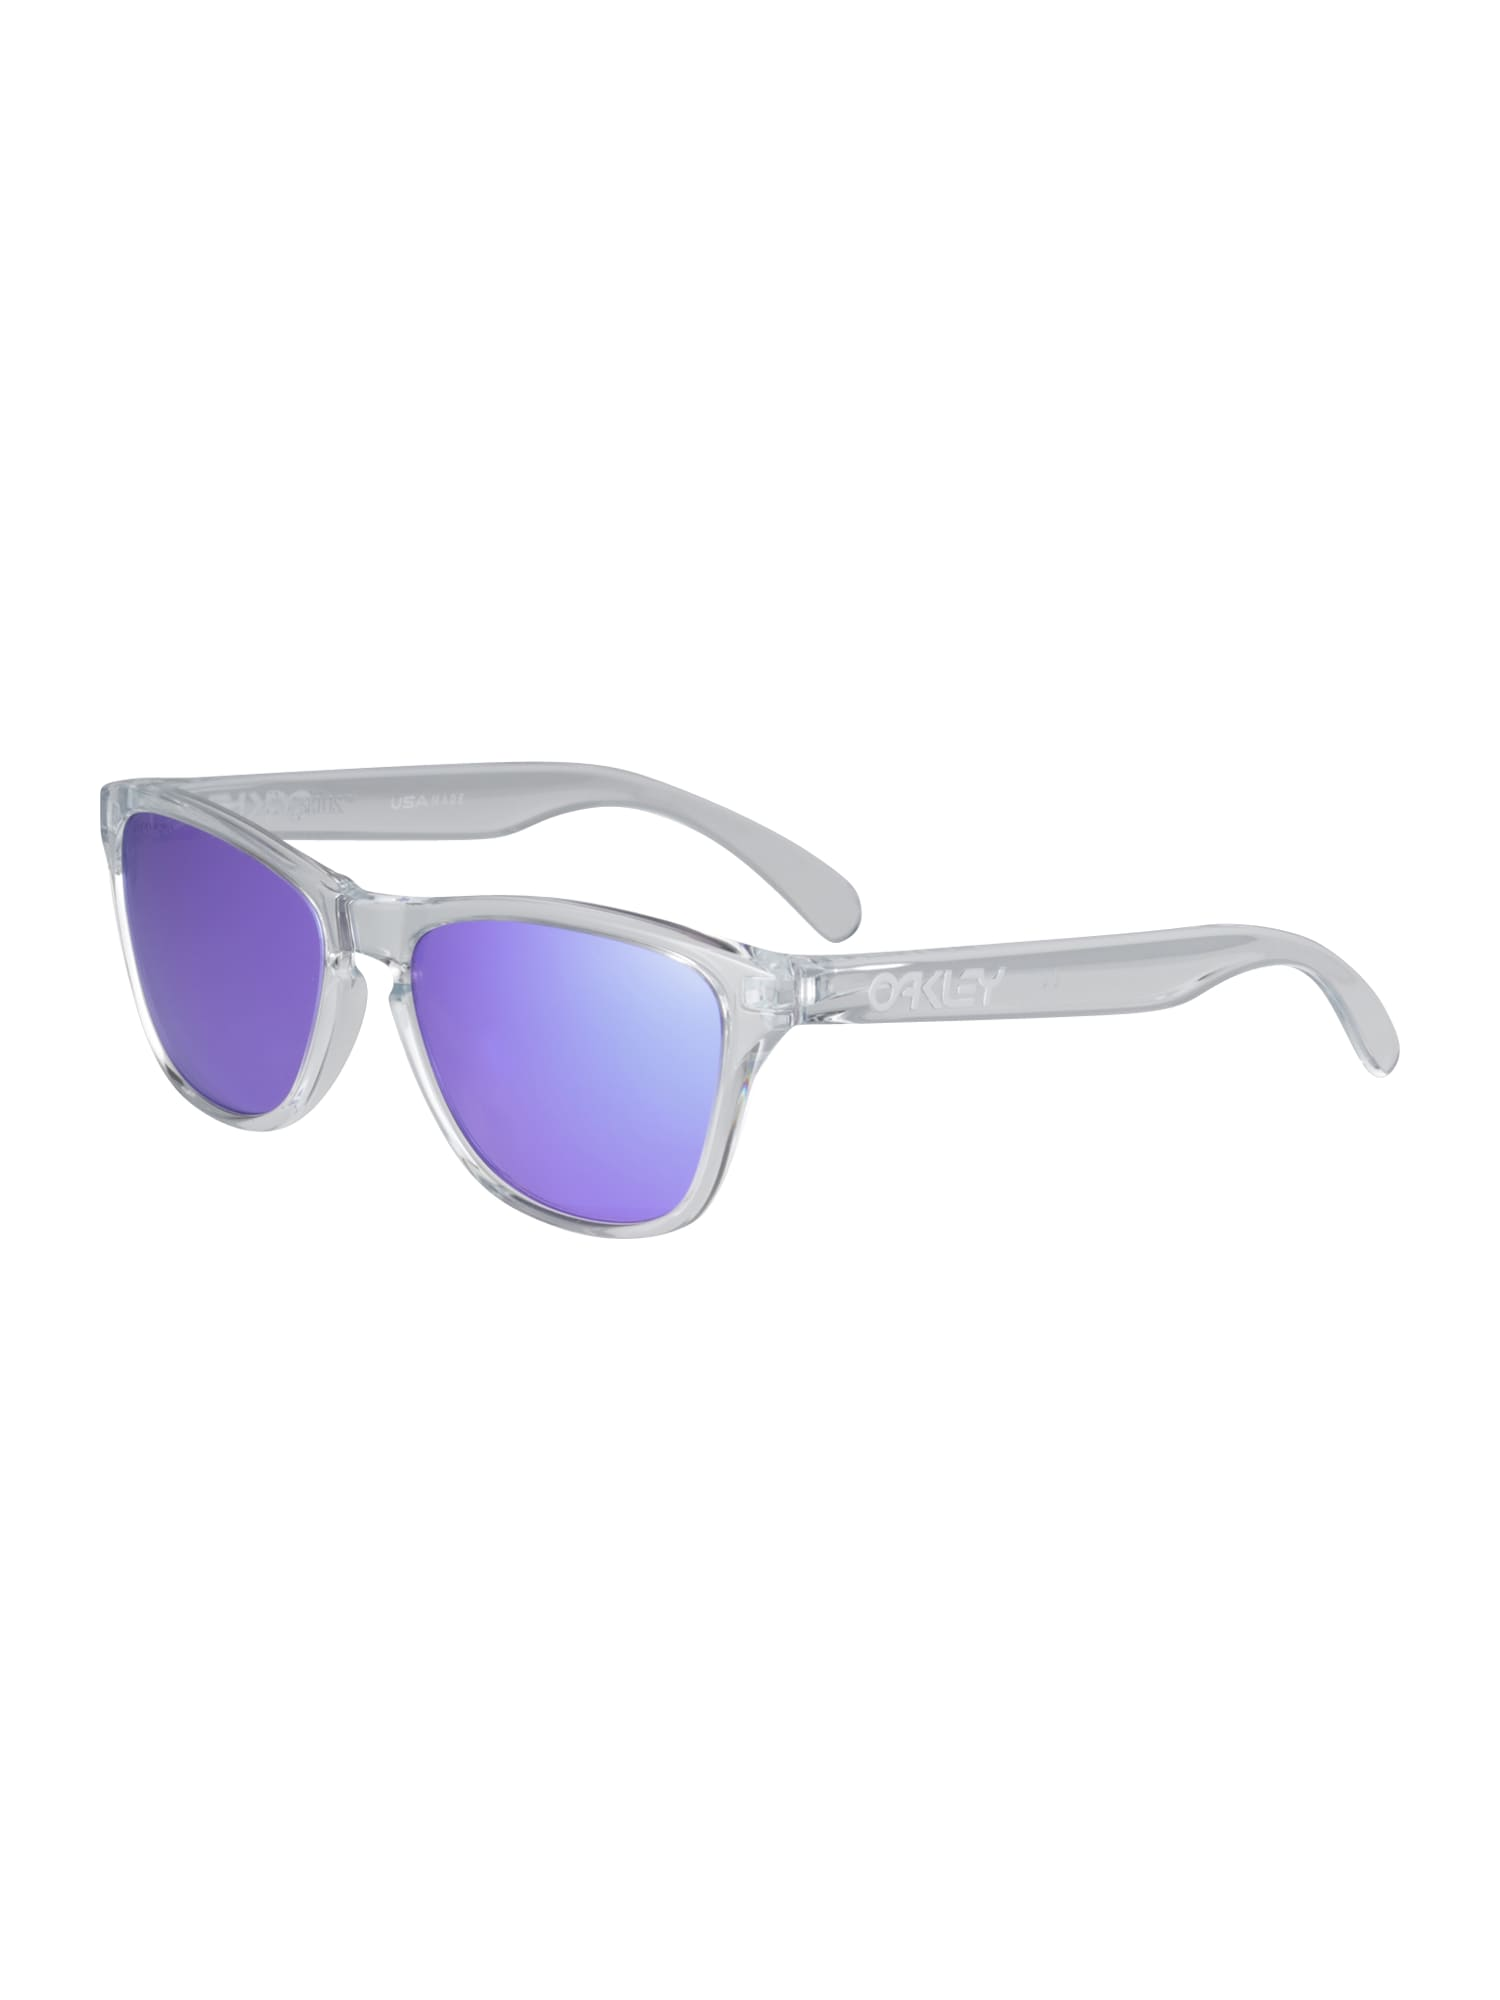 OAKLEY Sportiniai akiniai 'FROGSKINS XS' skaidri spalva / purpurinė